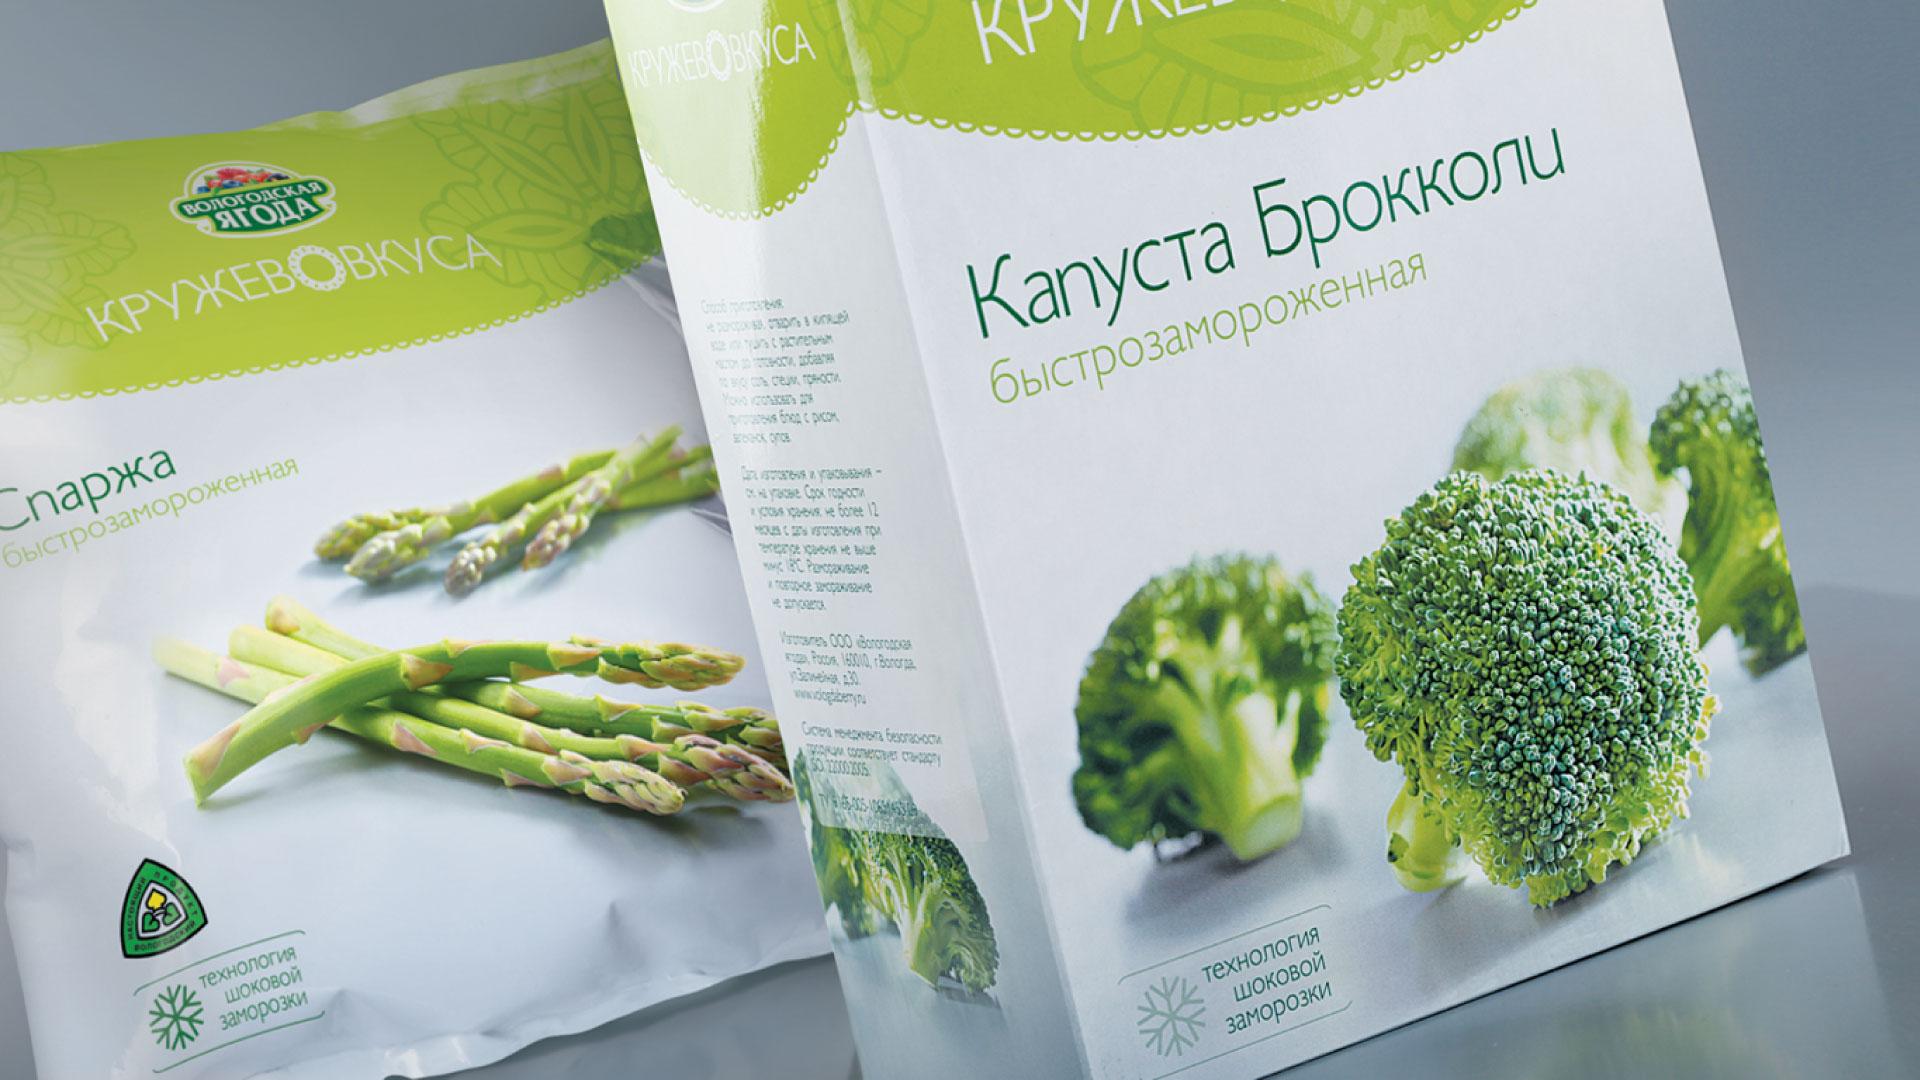 Дизайн упаковки замороженных спаржи и брокколи Вологодская ягода